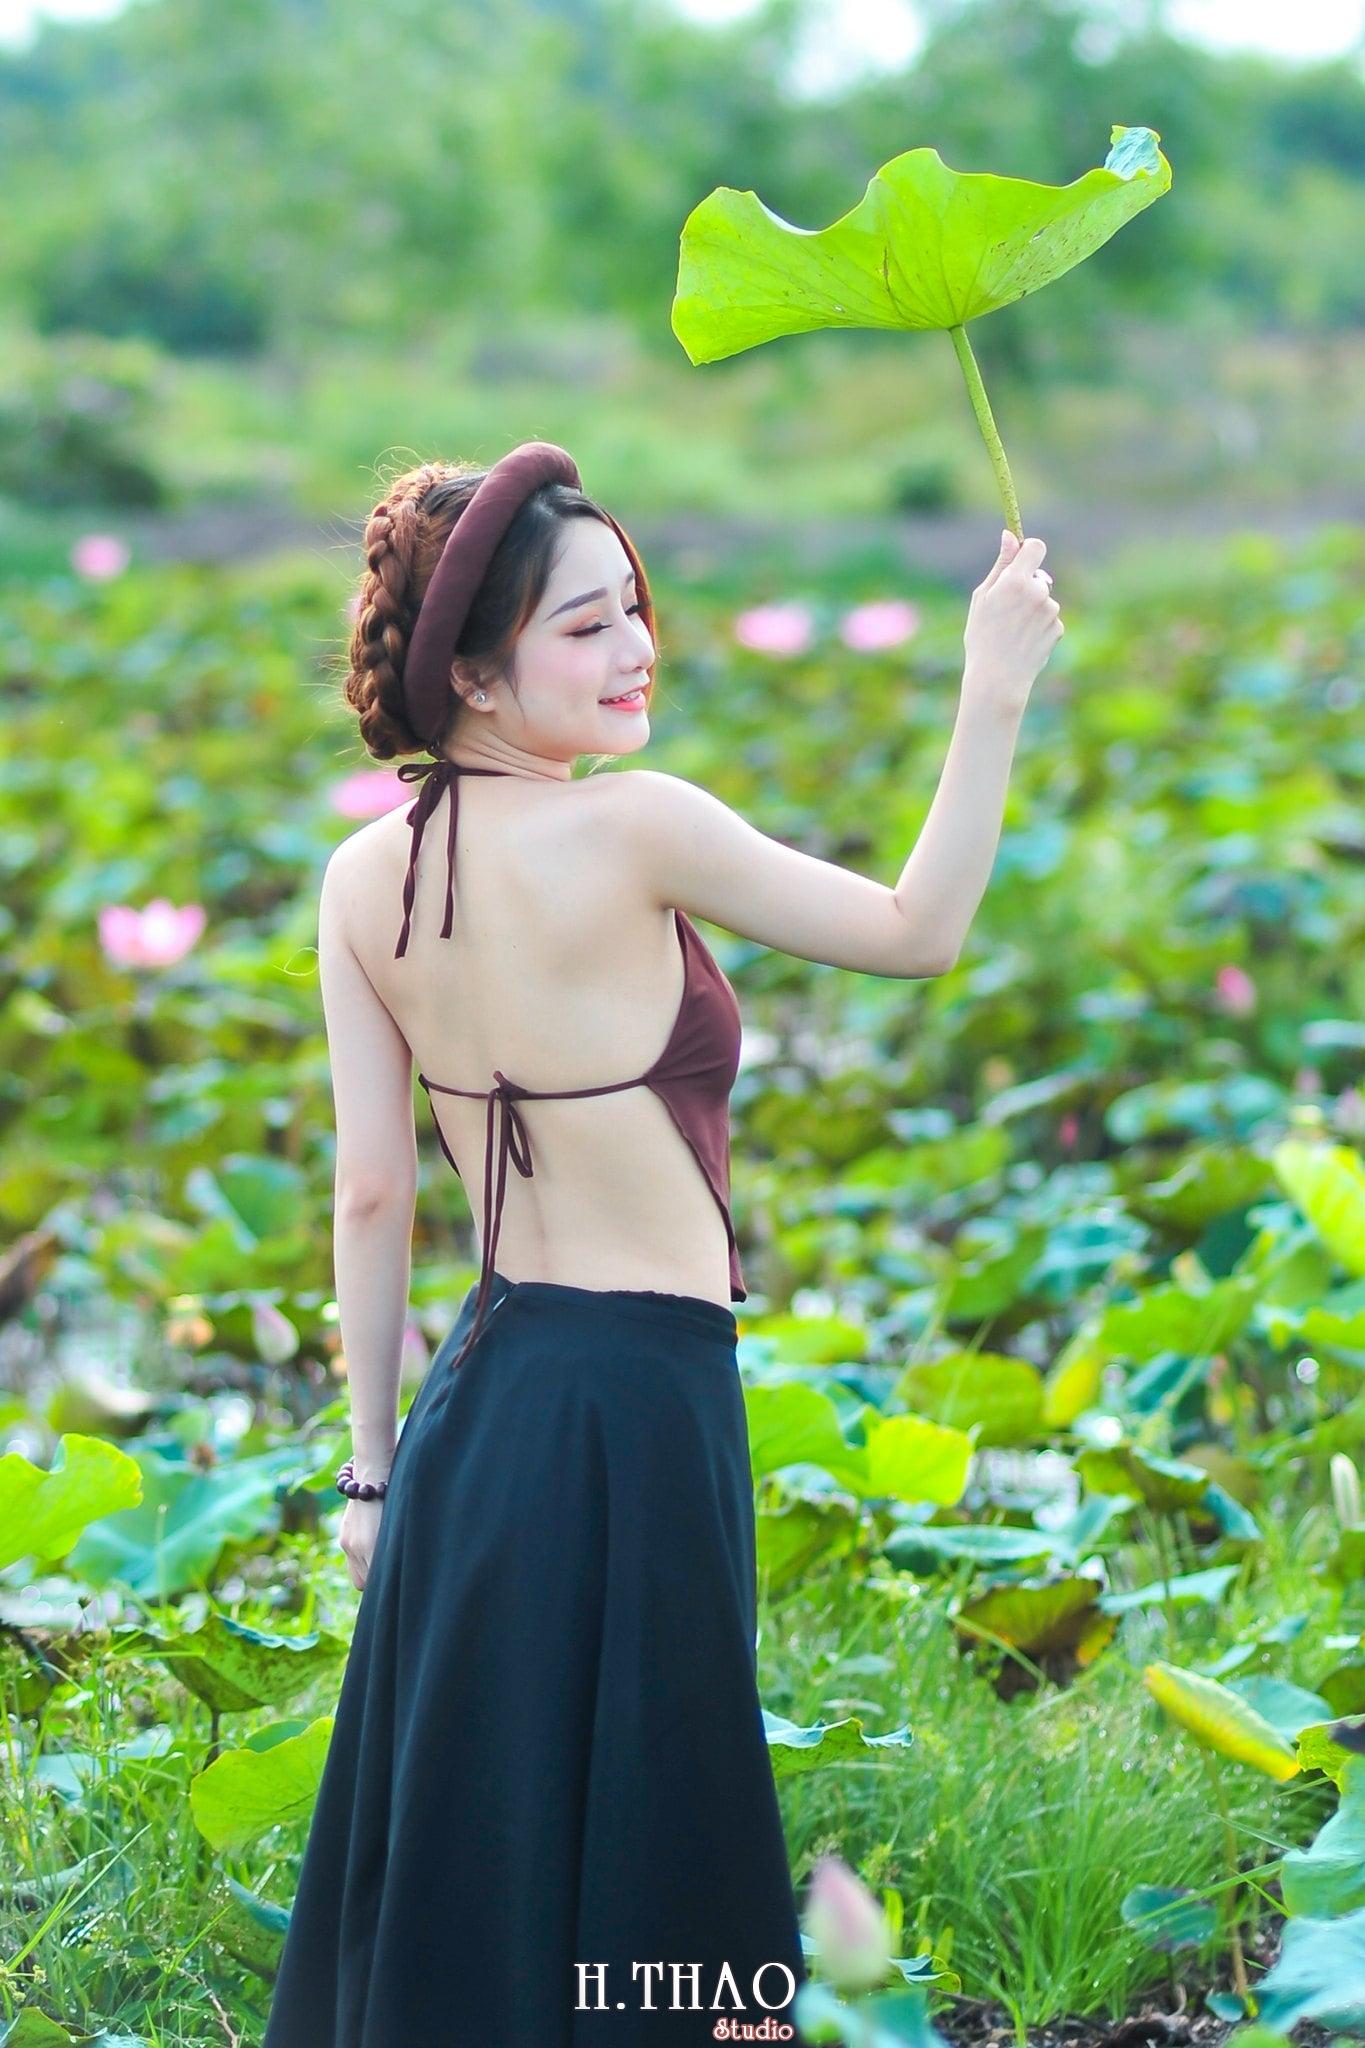 anh sen 8 - Thiếu nữ bên hoa sen - Model Ngọc Huyền